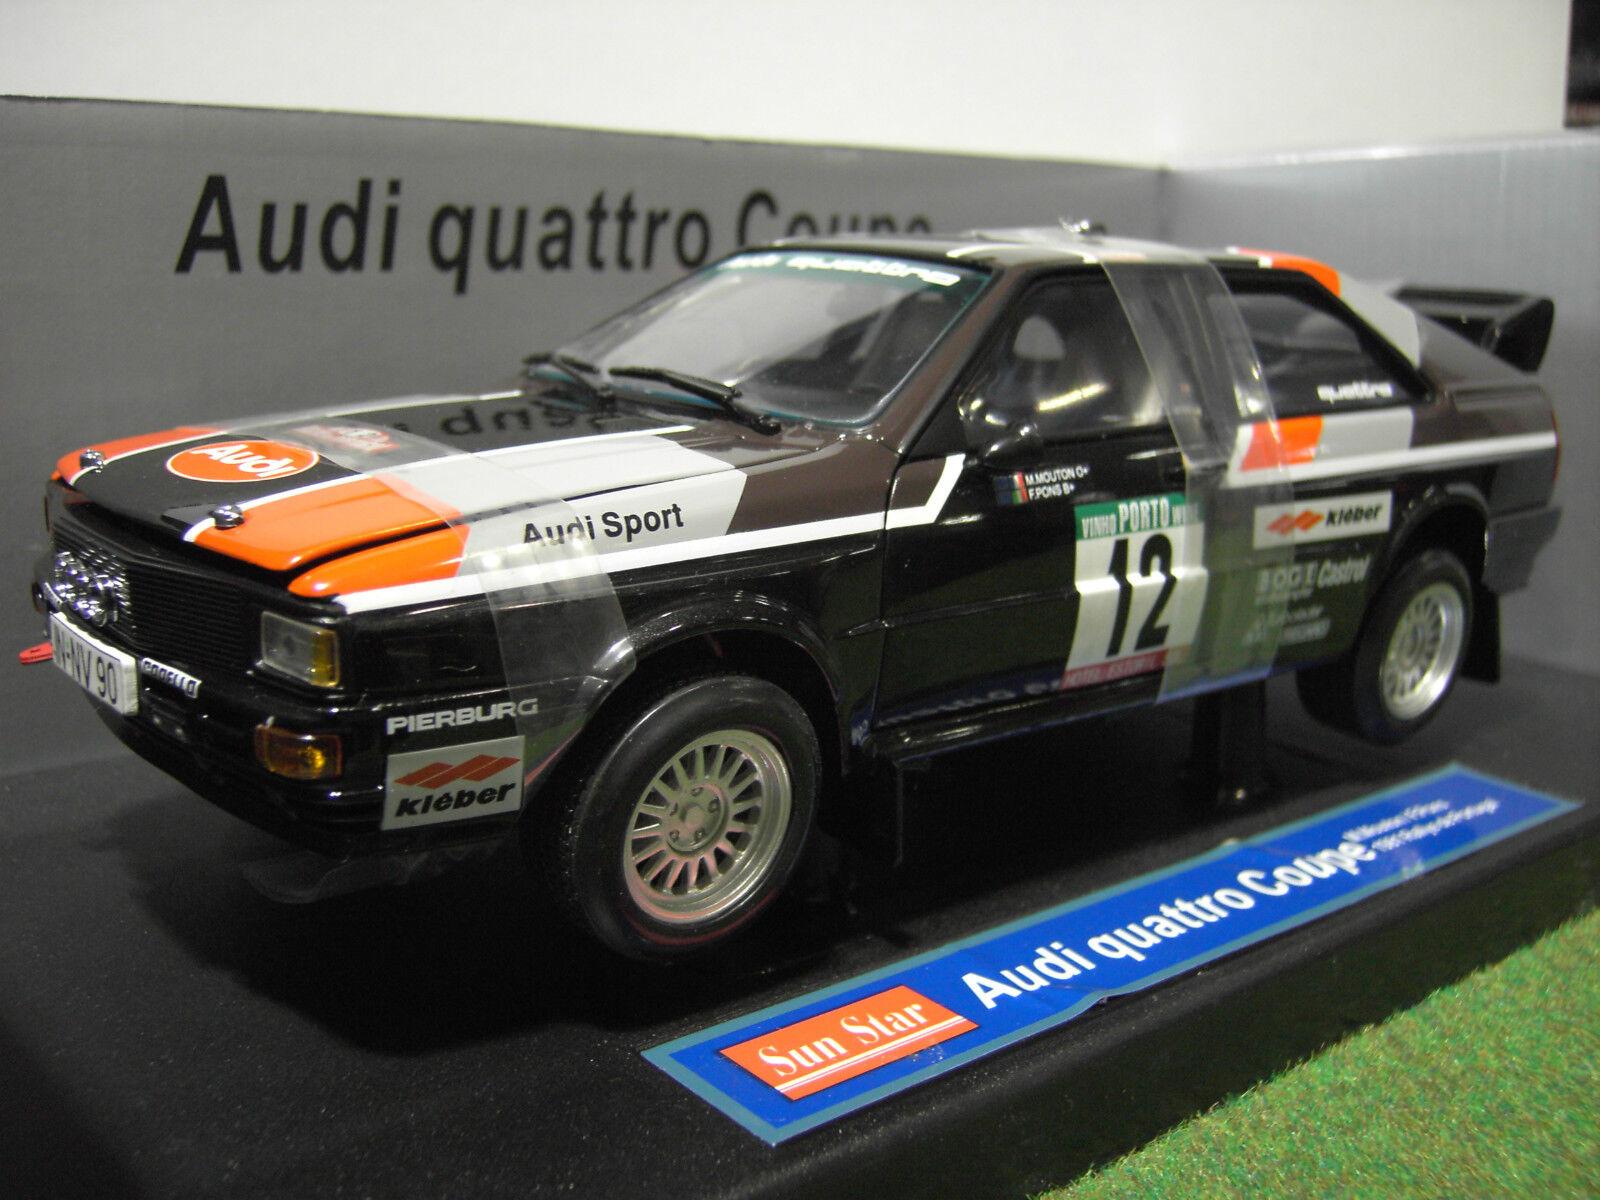 AUDI QUATTRO coupé RALLYE Portugal 1981 au 1 18 SUNSTAR 4184 voiture miniature